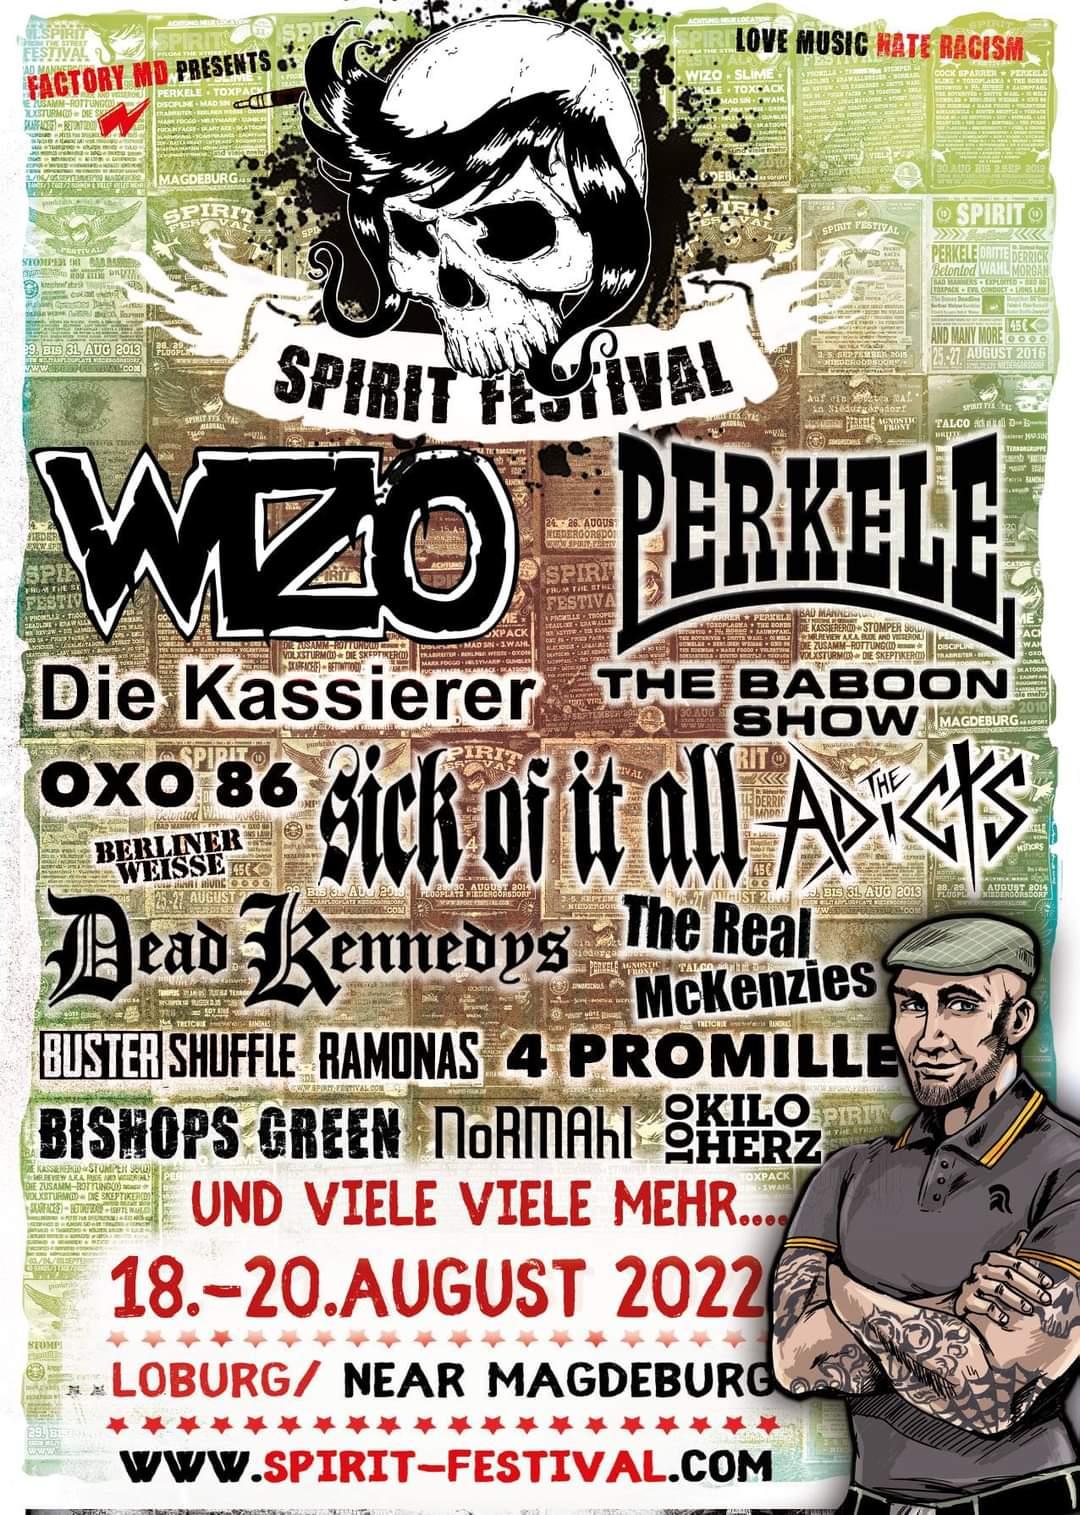 Spirit Festival 2022